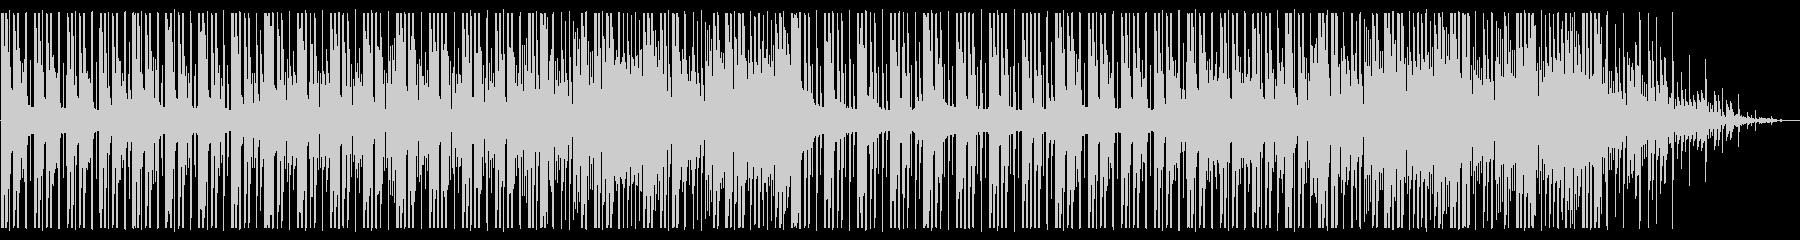 寂しげ/都会/R&B_No441の未再生の波形